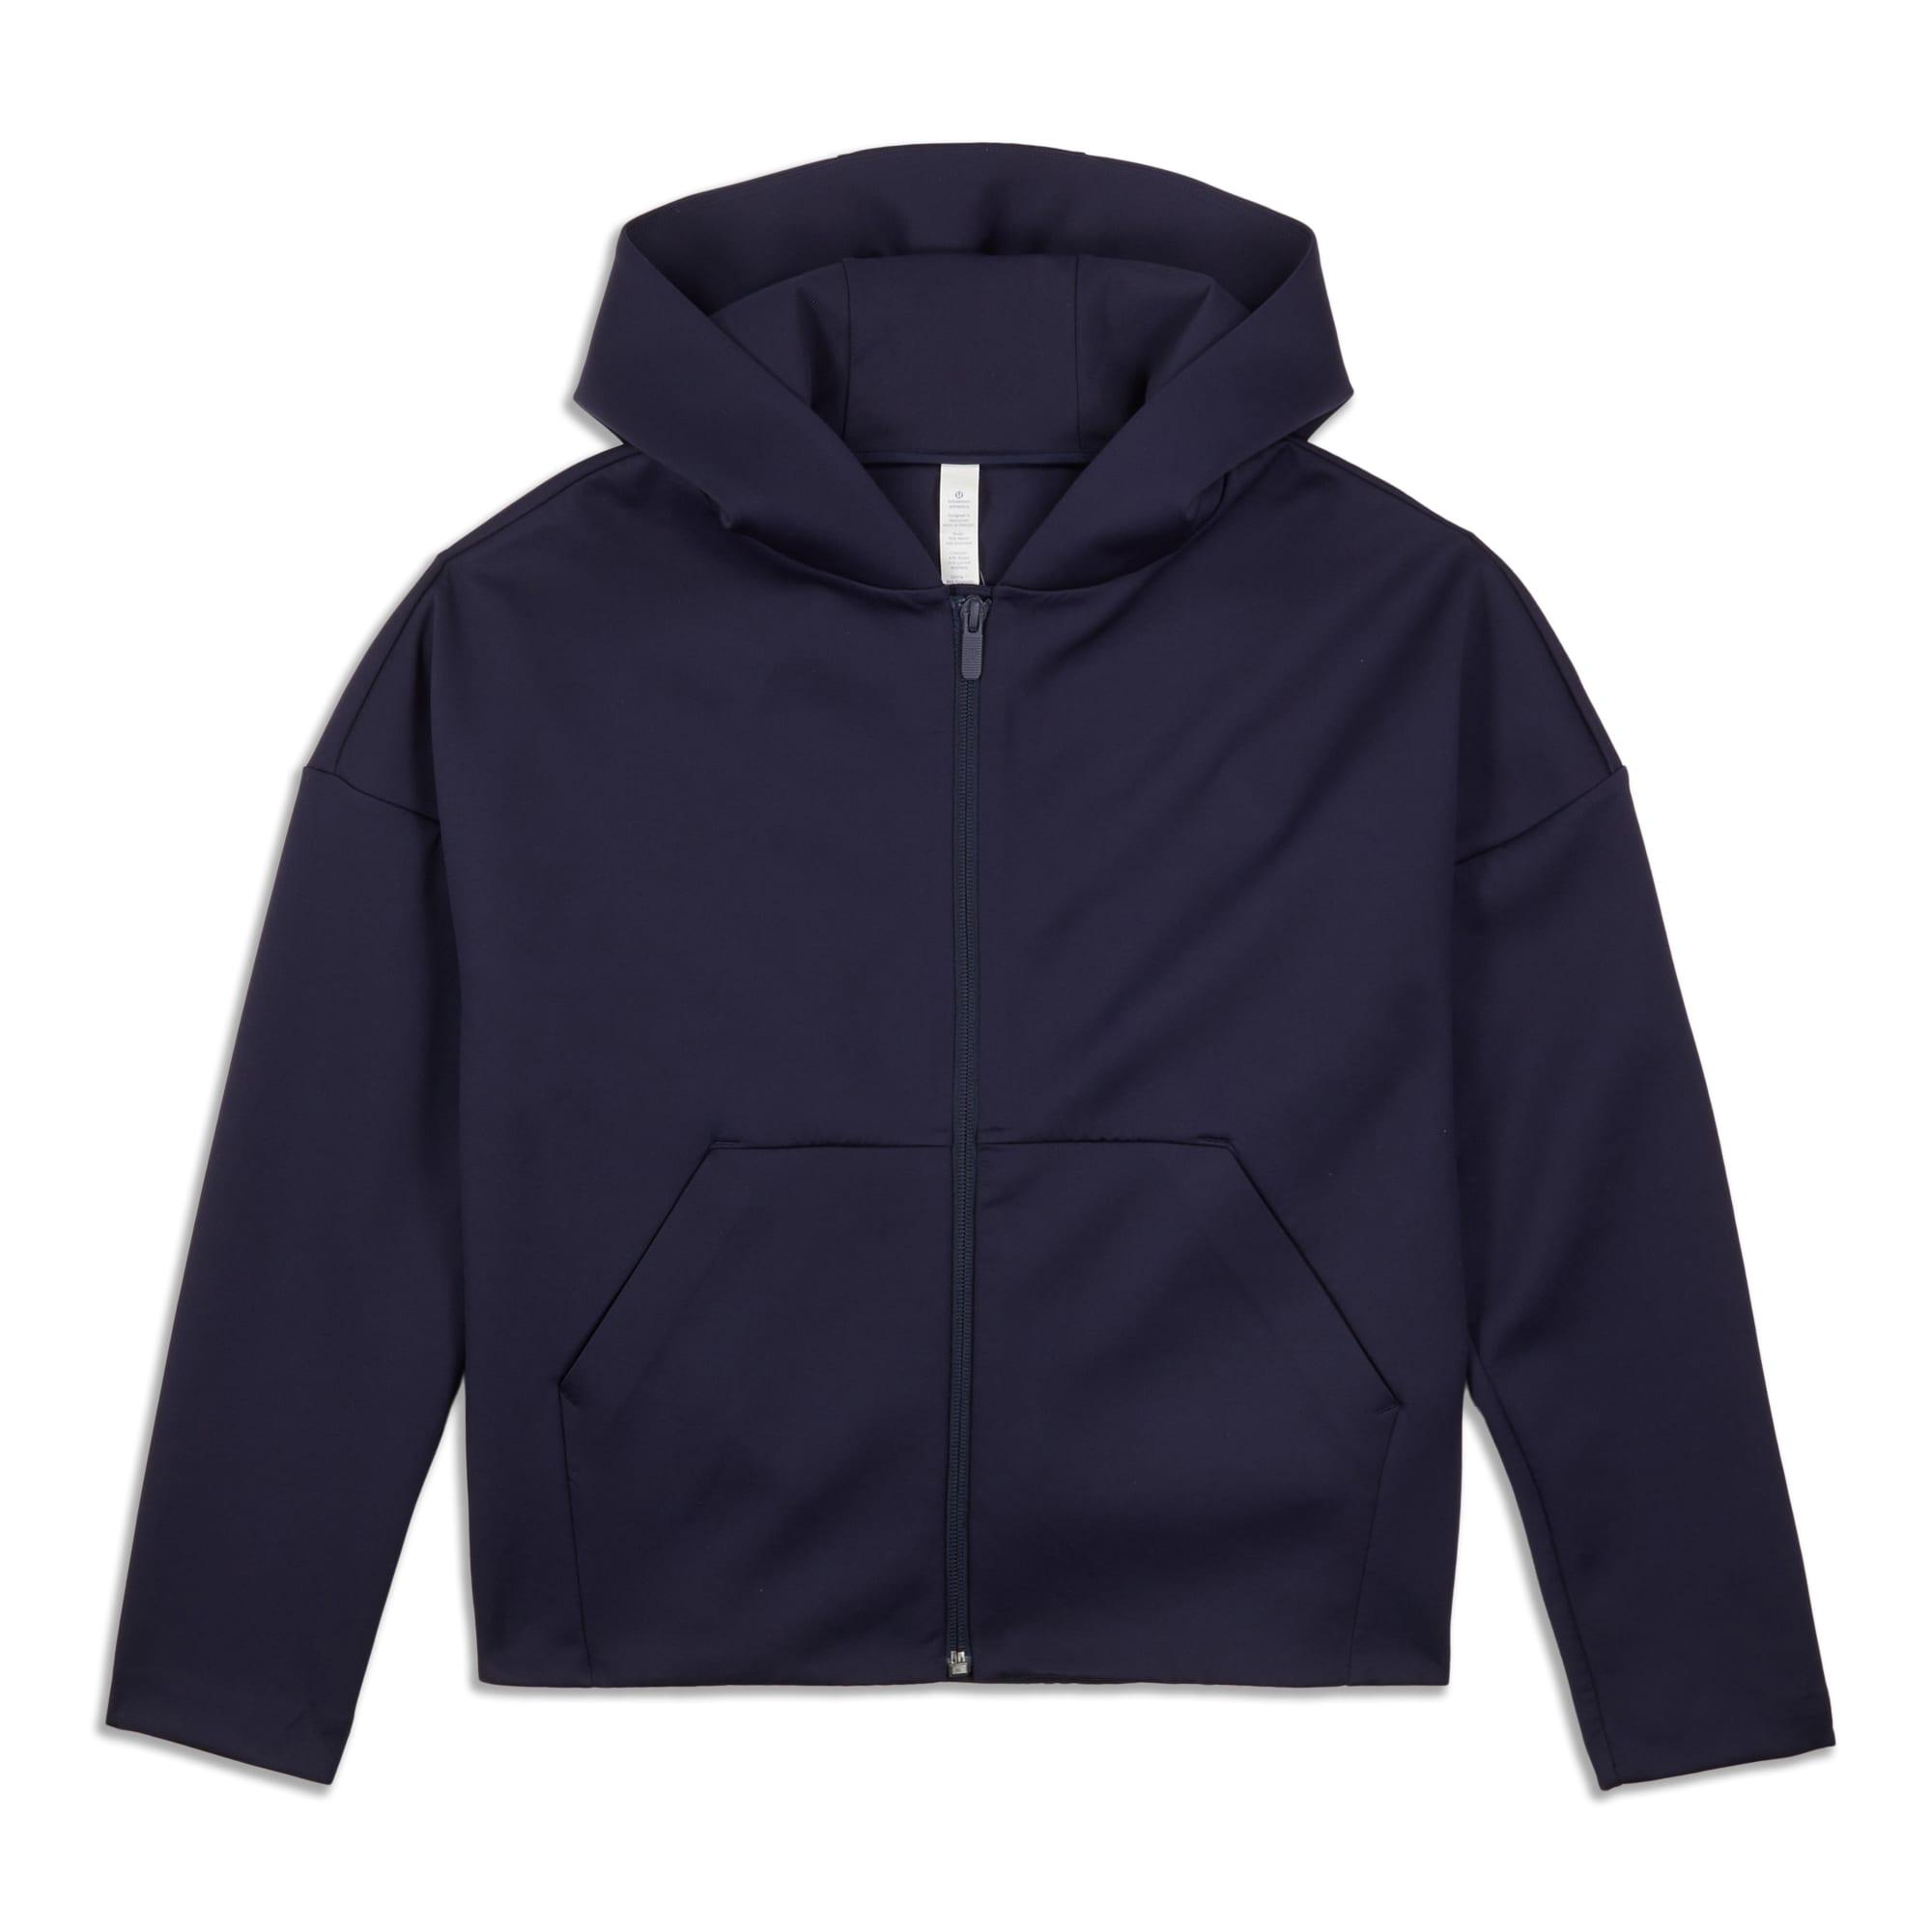 Main product image: Shaped Jacket - Resale